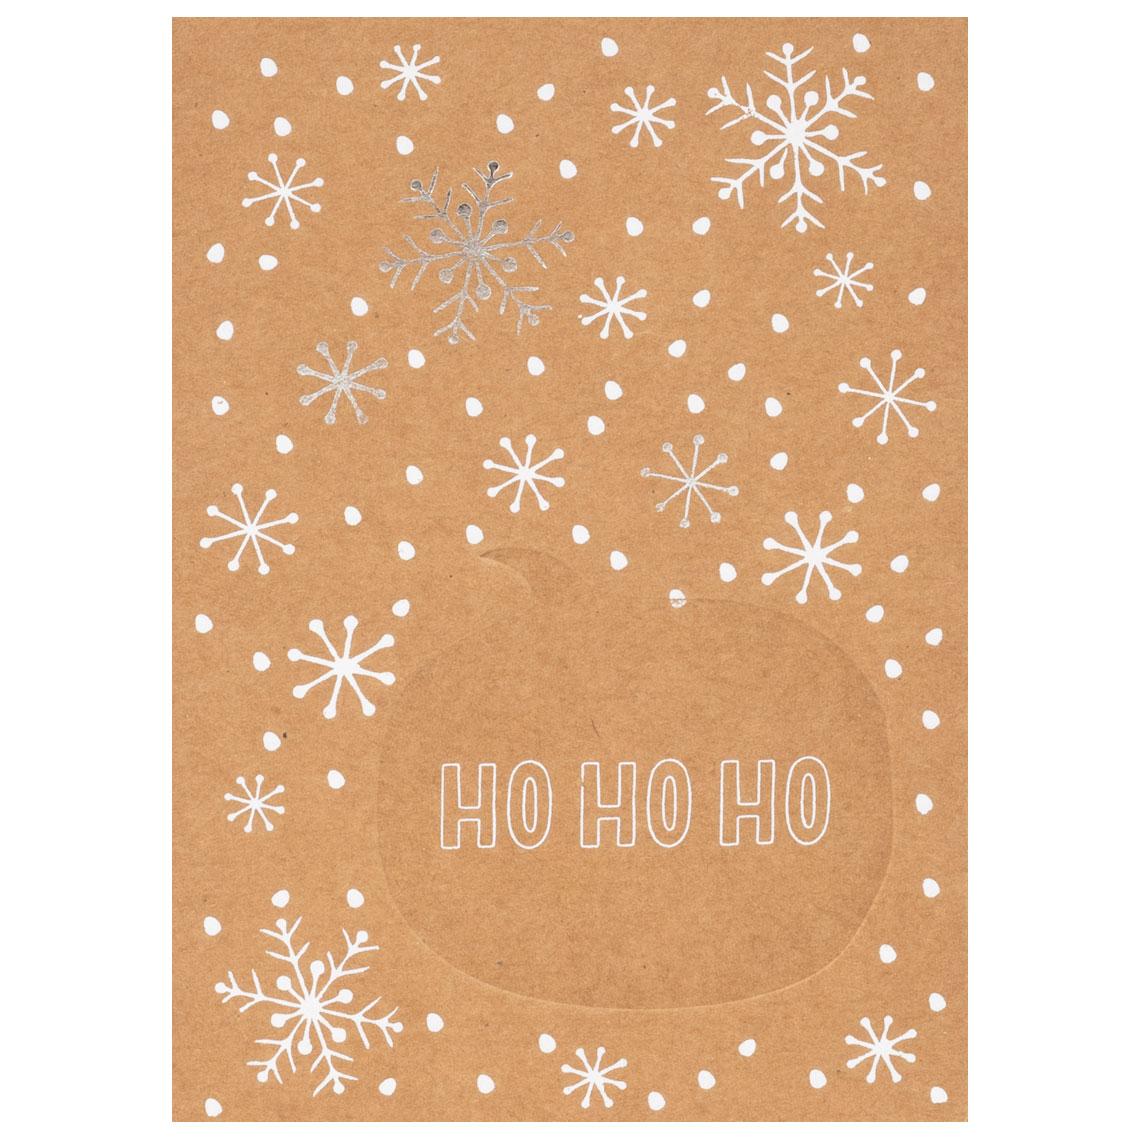 """Sprechblasenpostkarte """"Ho Ho Ho"""" - räder (Xmas)"""